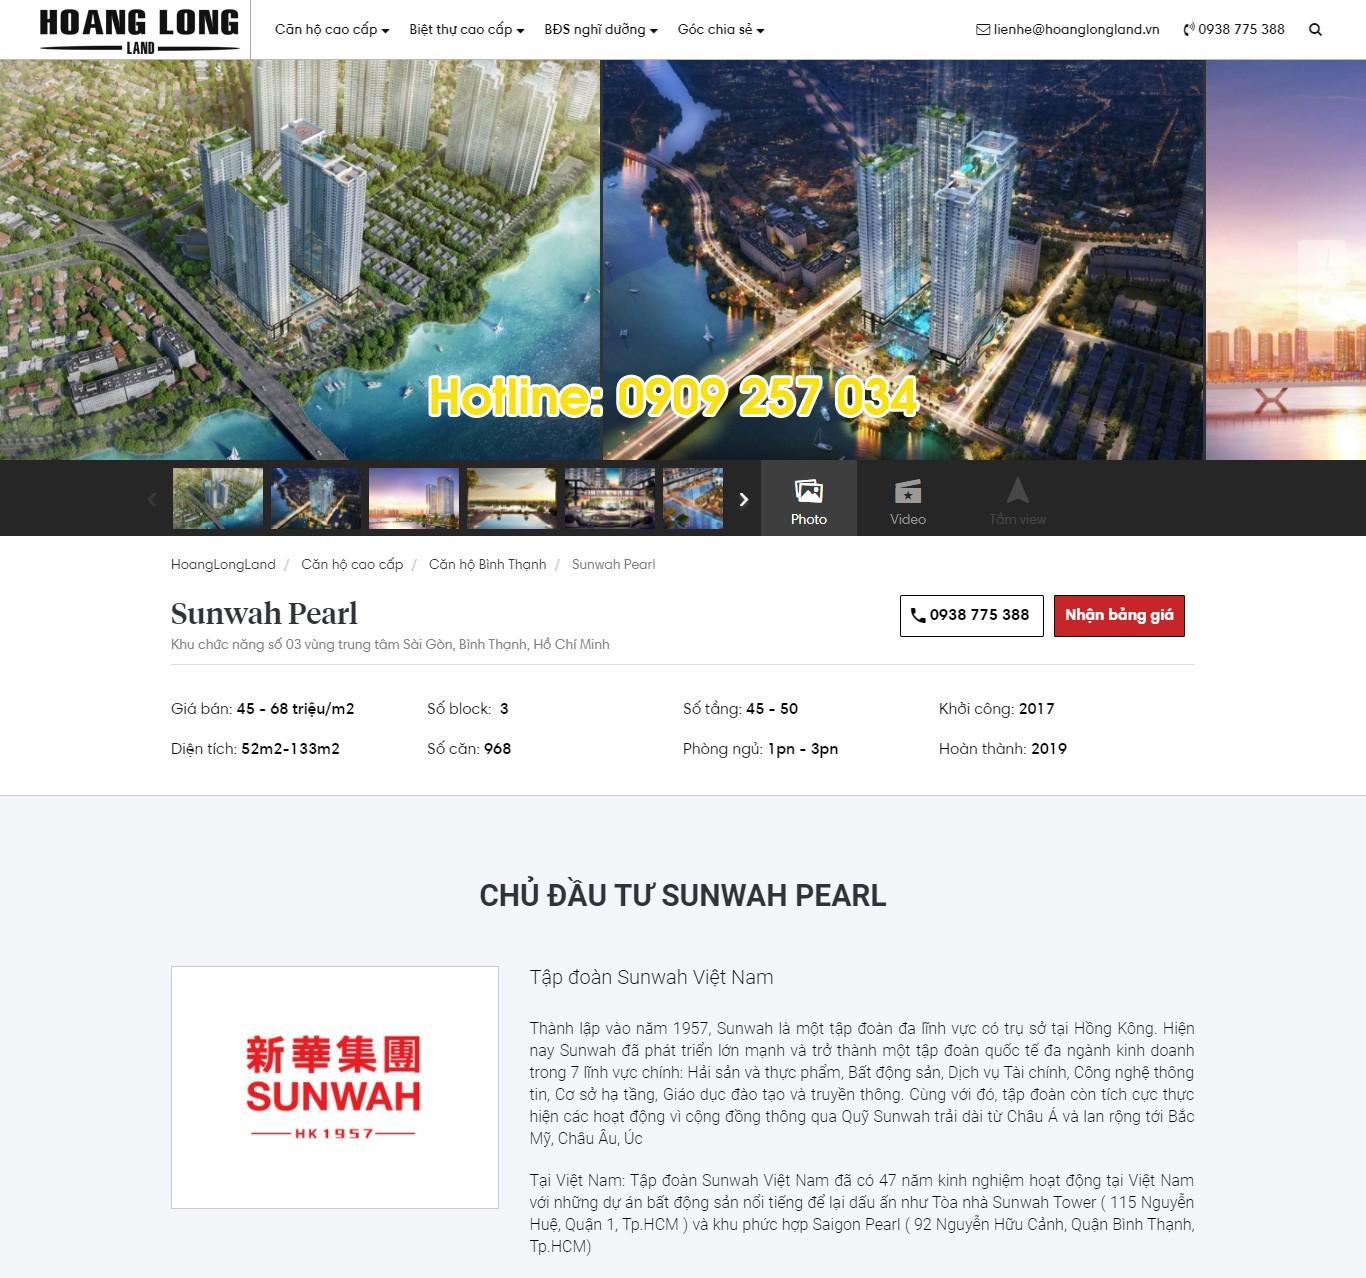 Website bất động sản đẹp: Chi tiết 1 dự án bất động sản